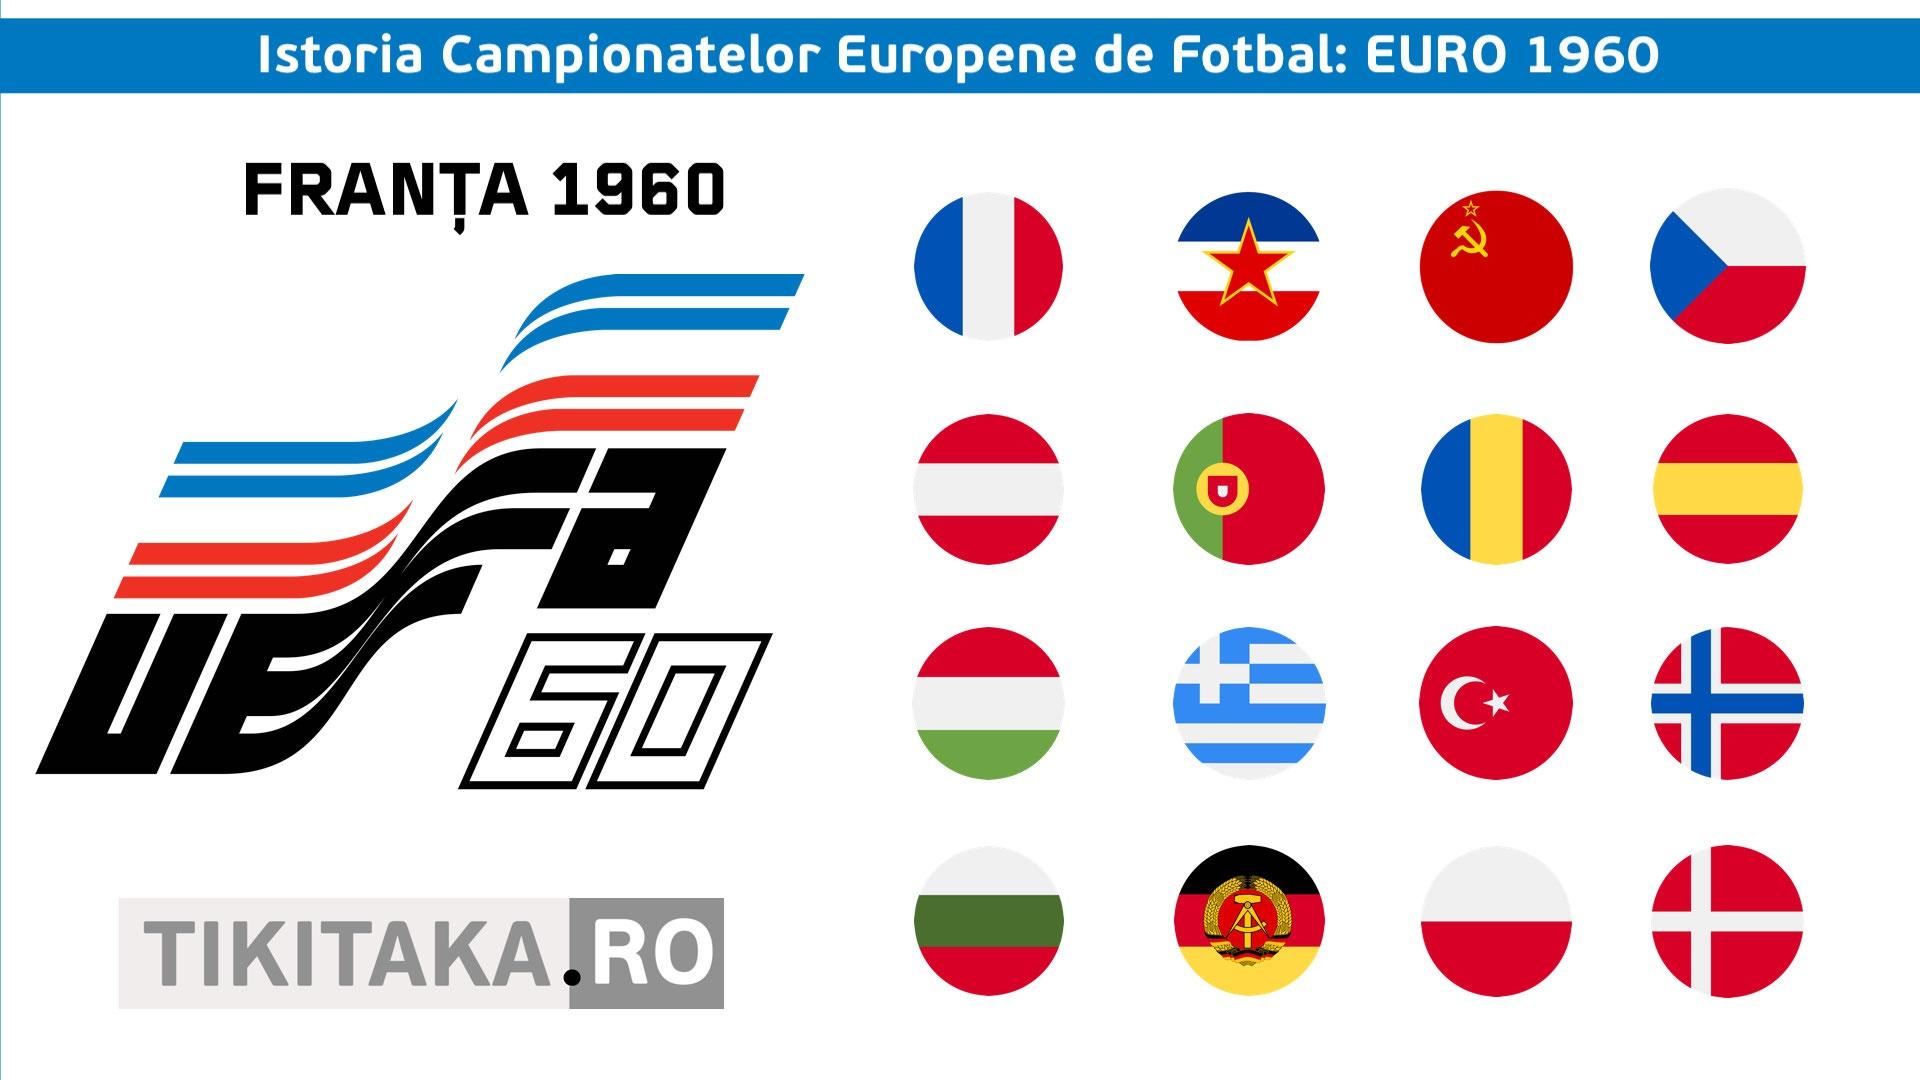 EURO 1960